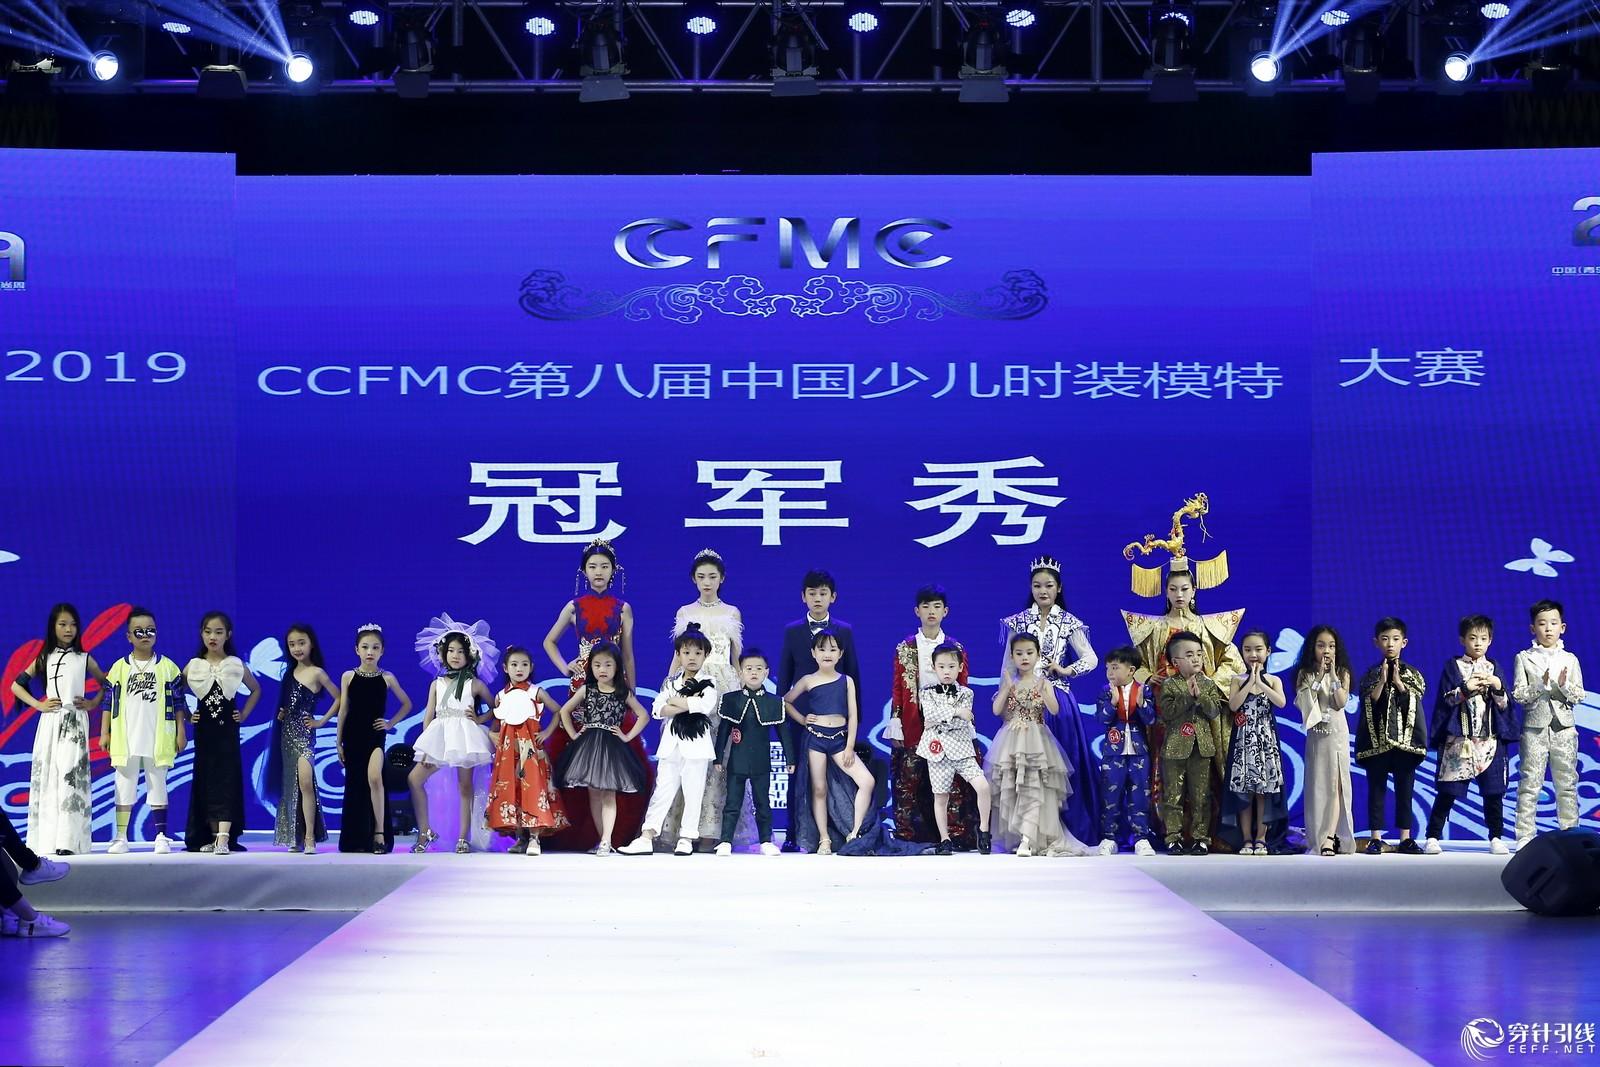 2019中国(青岛)国际少儿时尚周暨2019第八届中国少儿时装模特大赛全国